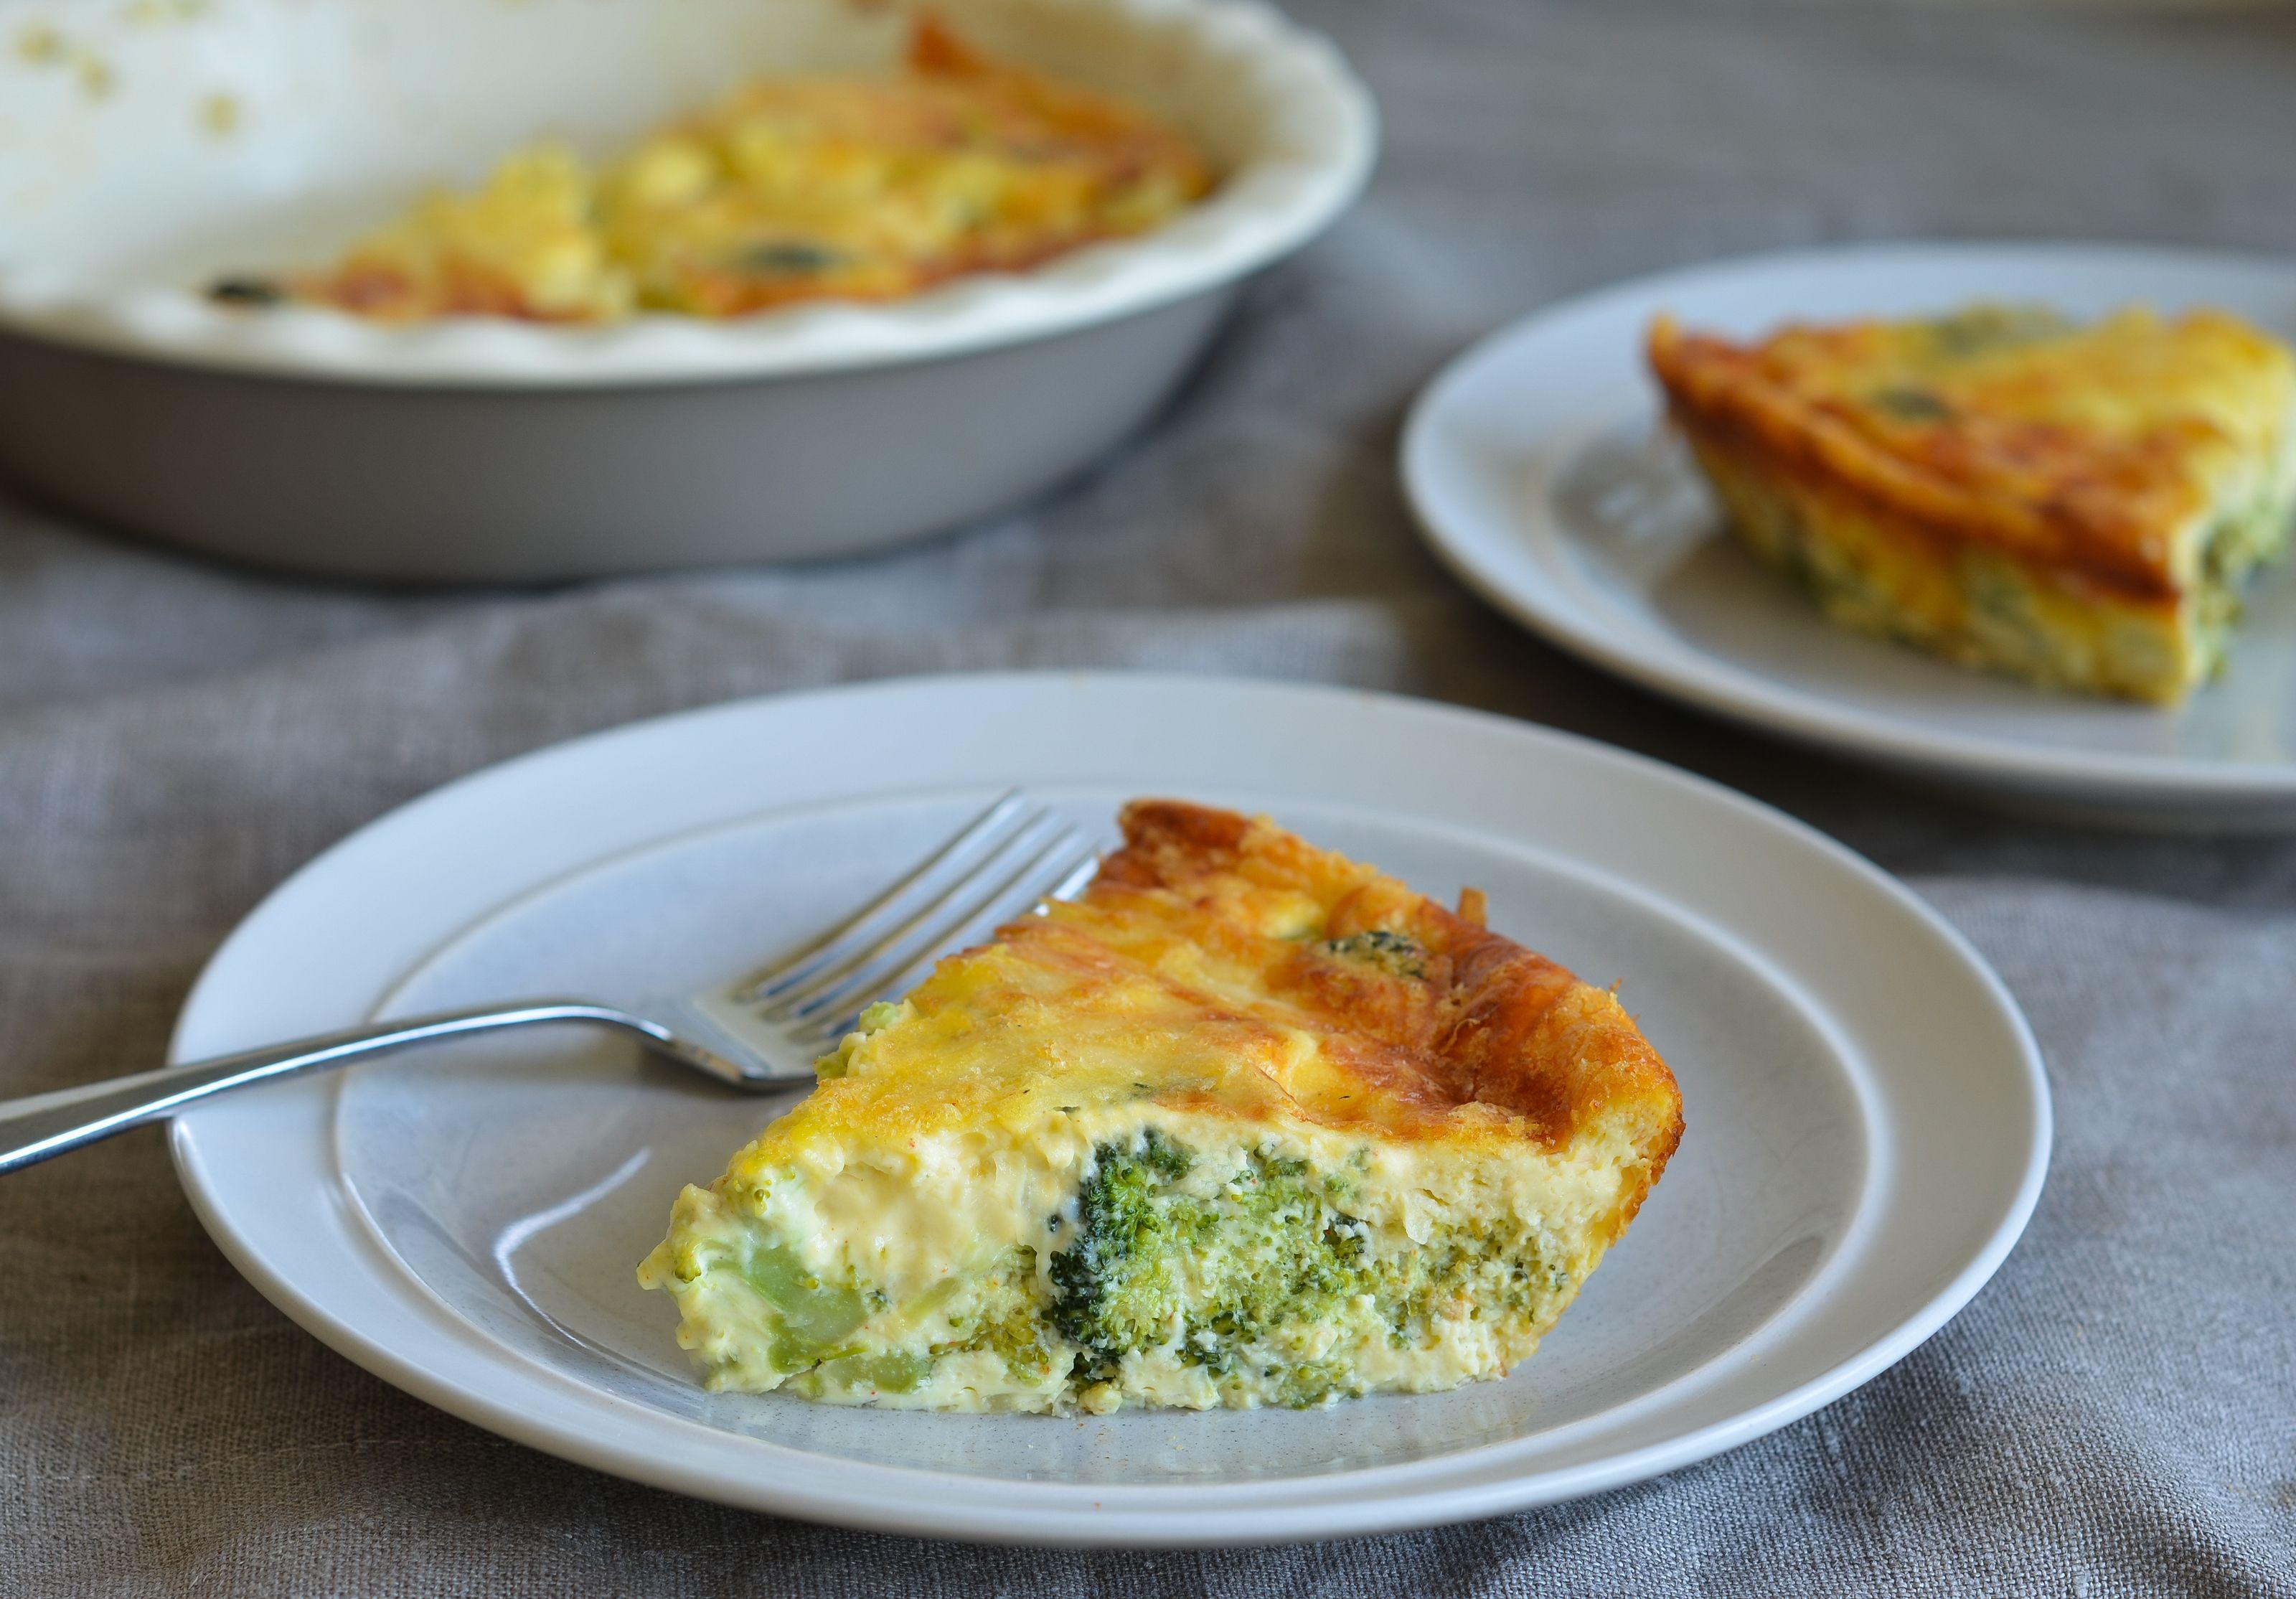 Crustless Broccoli Quiche Recipe Broccoli Quiche Crustless